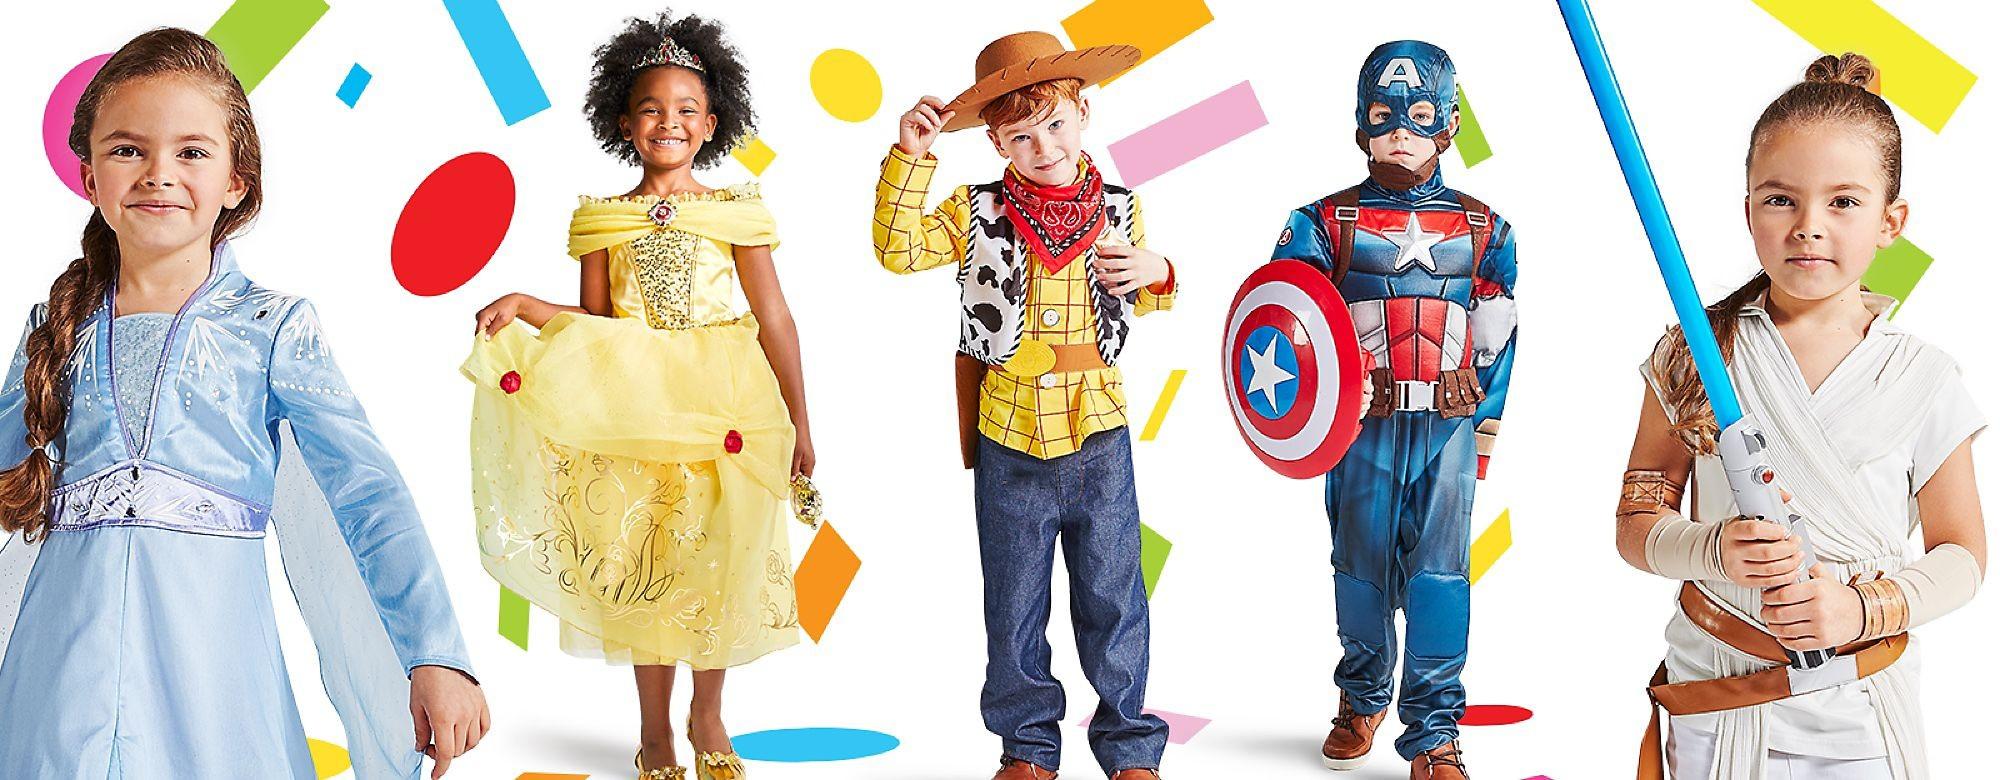 Descubre nuestra fantástica colección de disfraces para adultos, niños y bebés